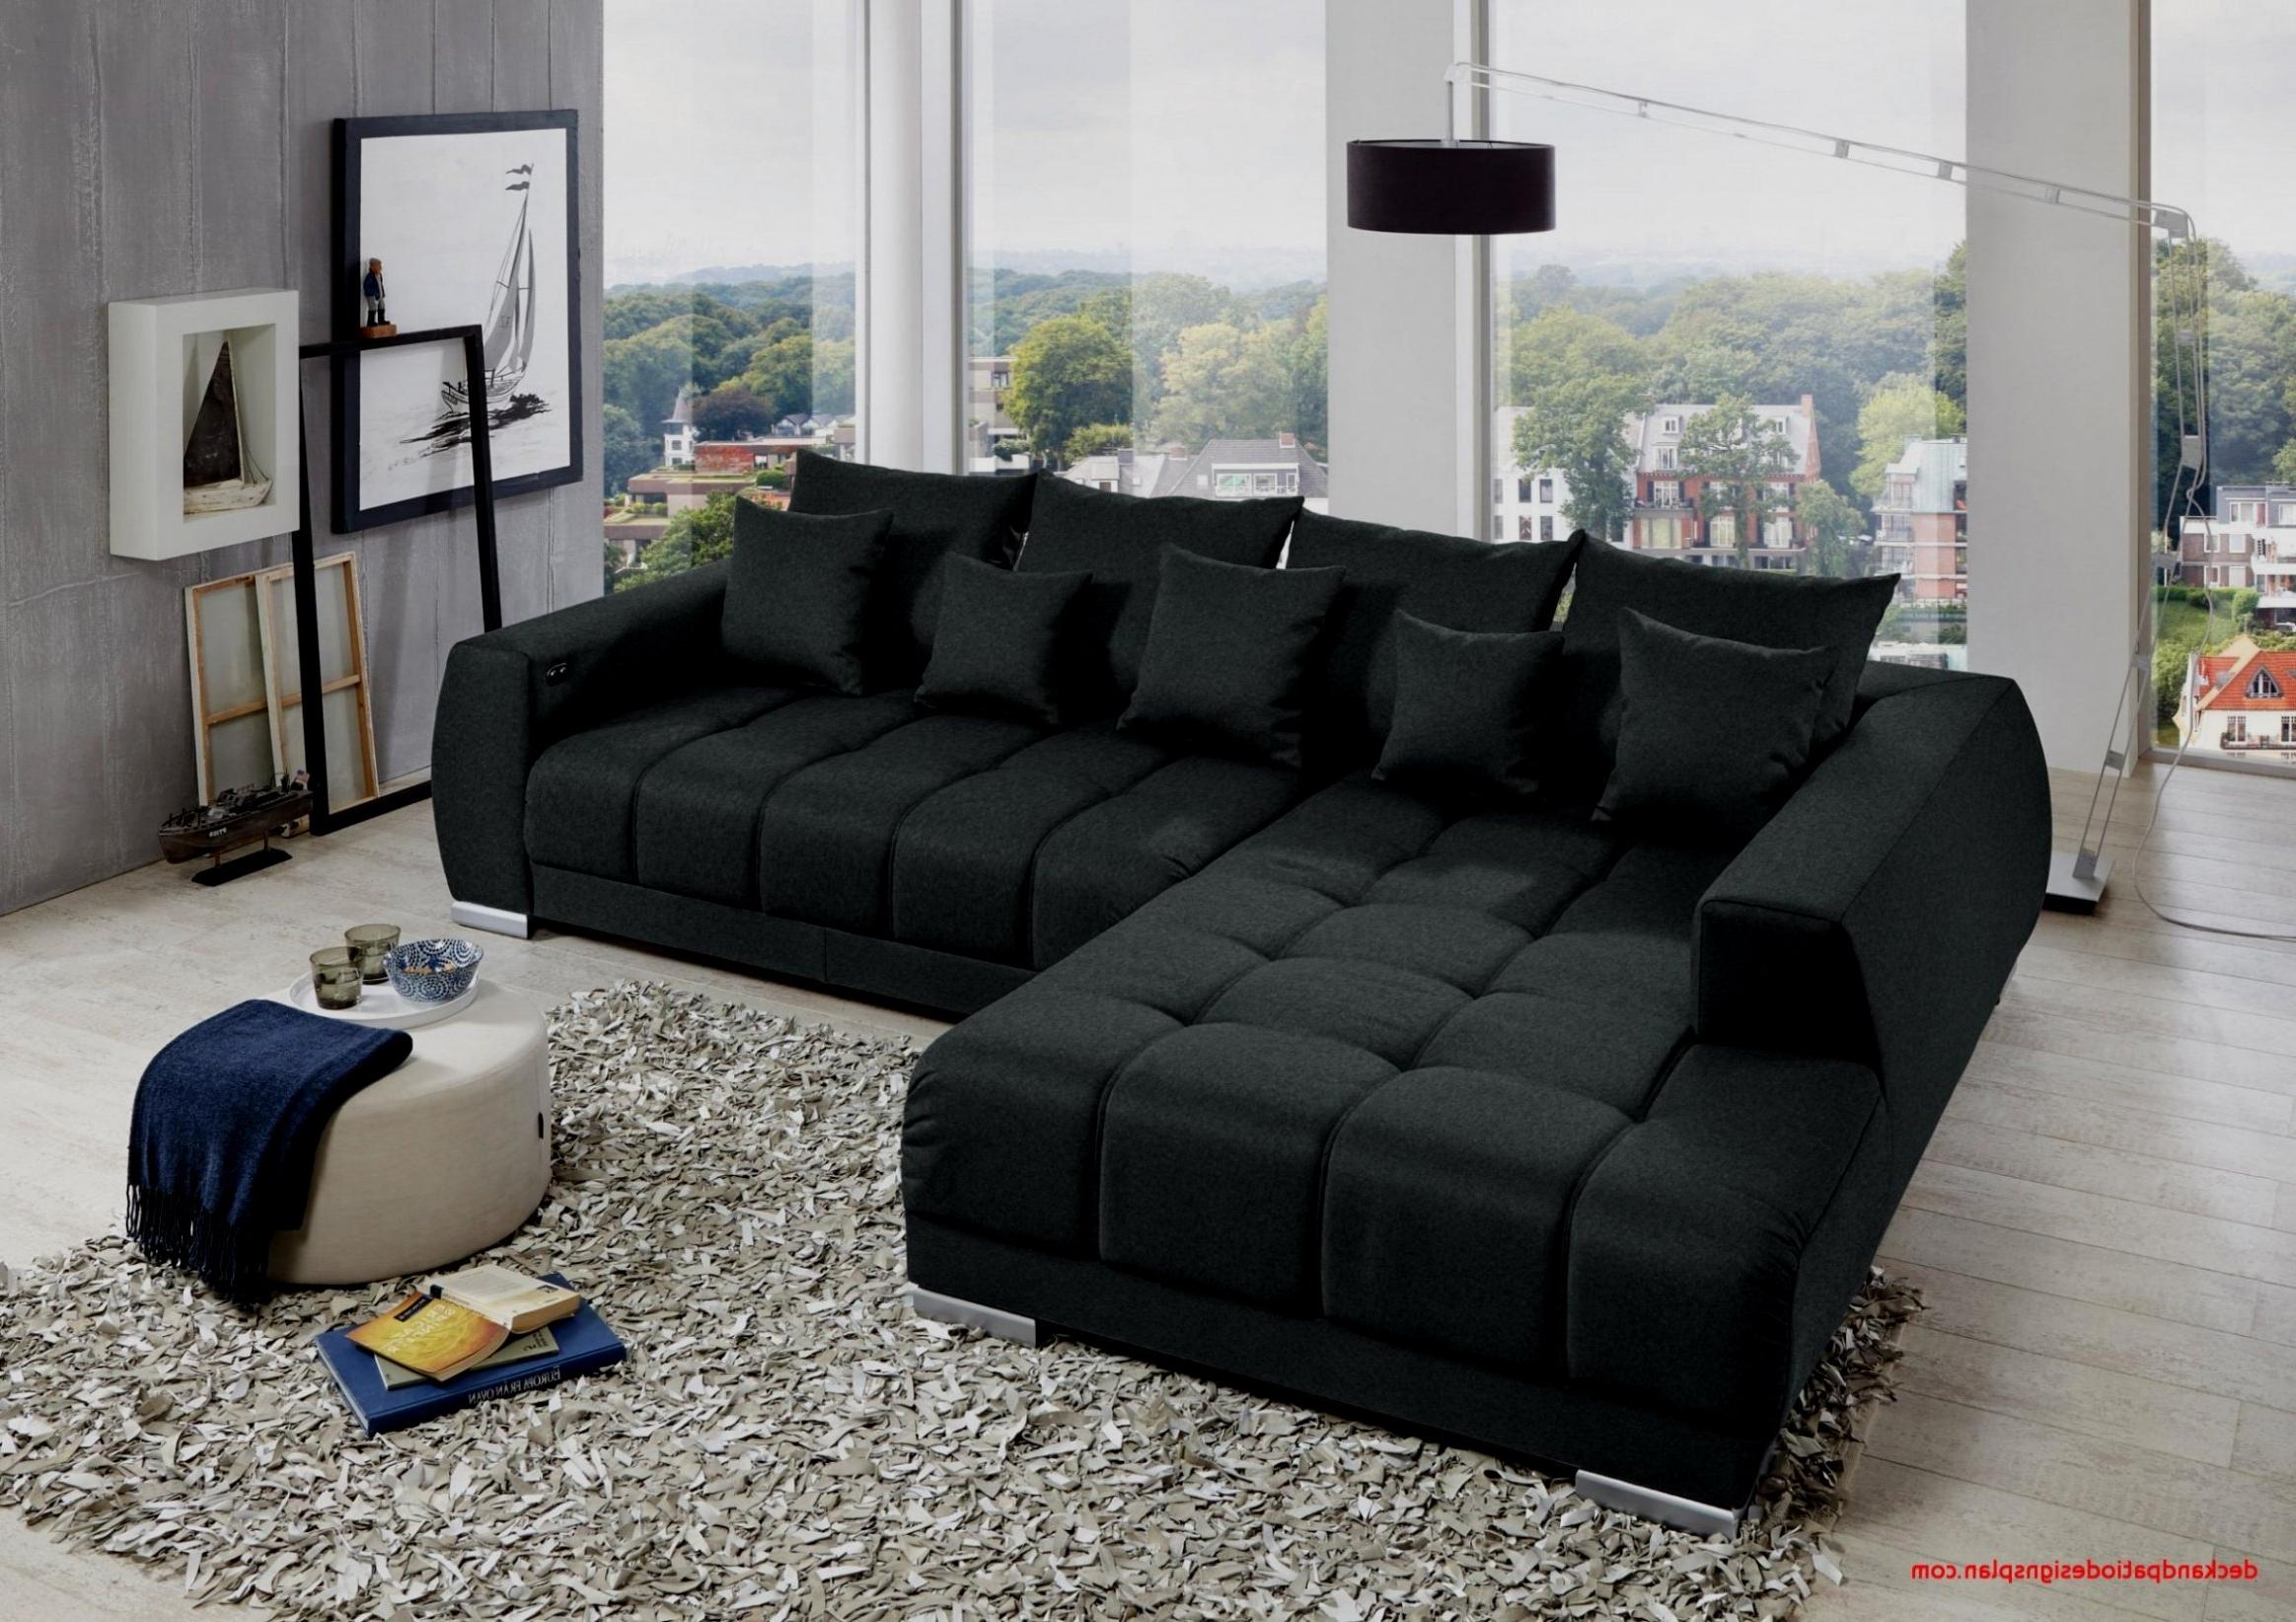 Sofas Valencia Outlet O2d5 sofas Valencia Outlet Encantador 40 Elegant sofa L form